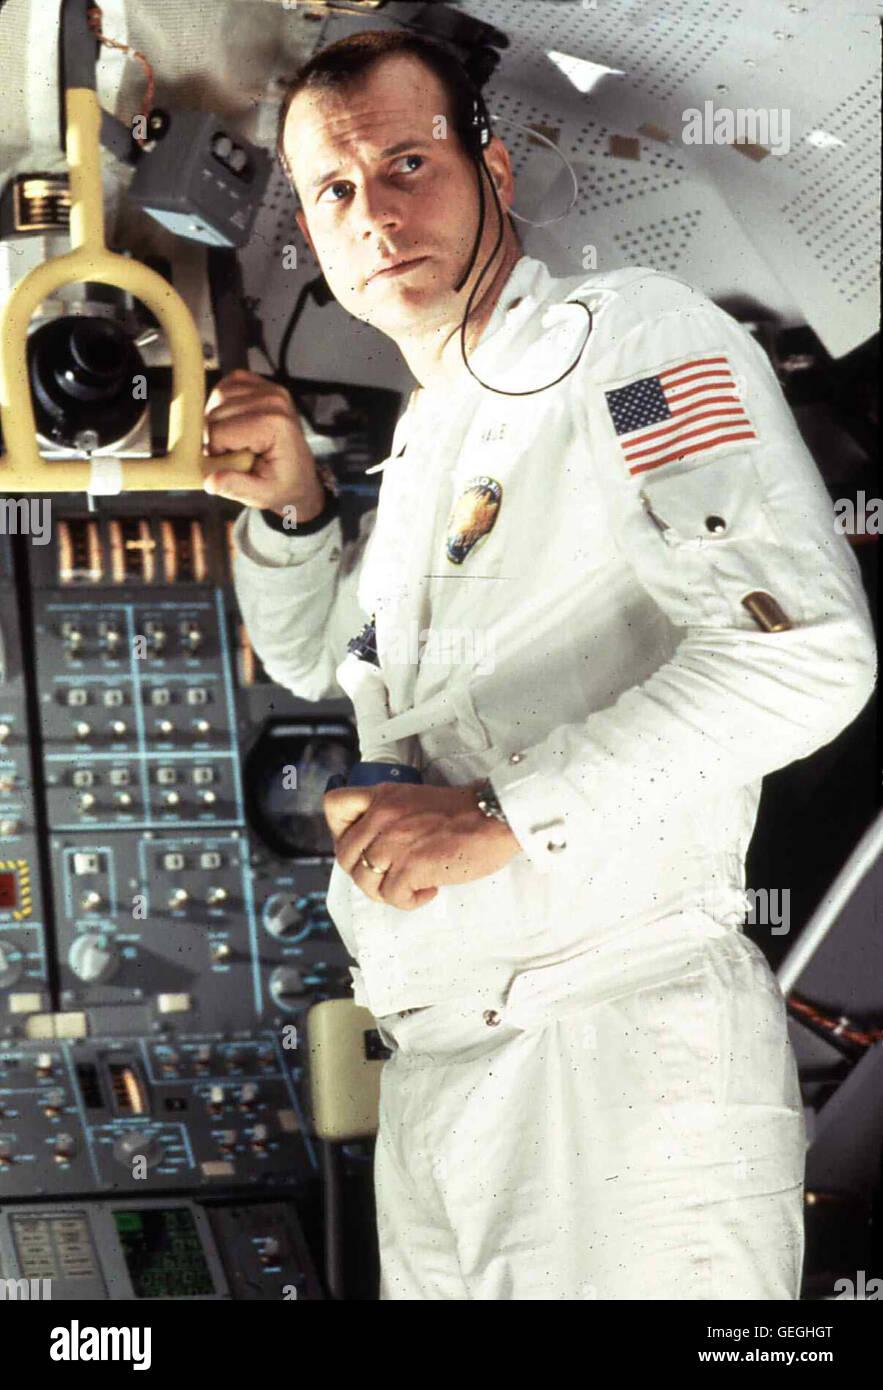 Apollo 13 Movie Stock Photos & Apollo 13 Movie Stock Images - Alamy